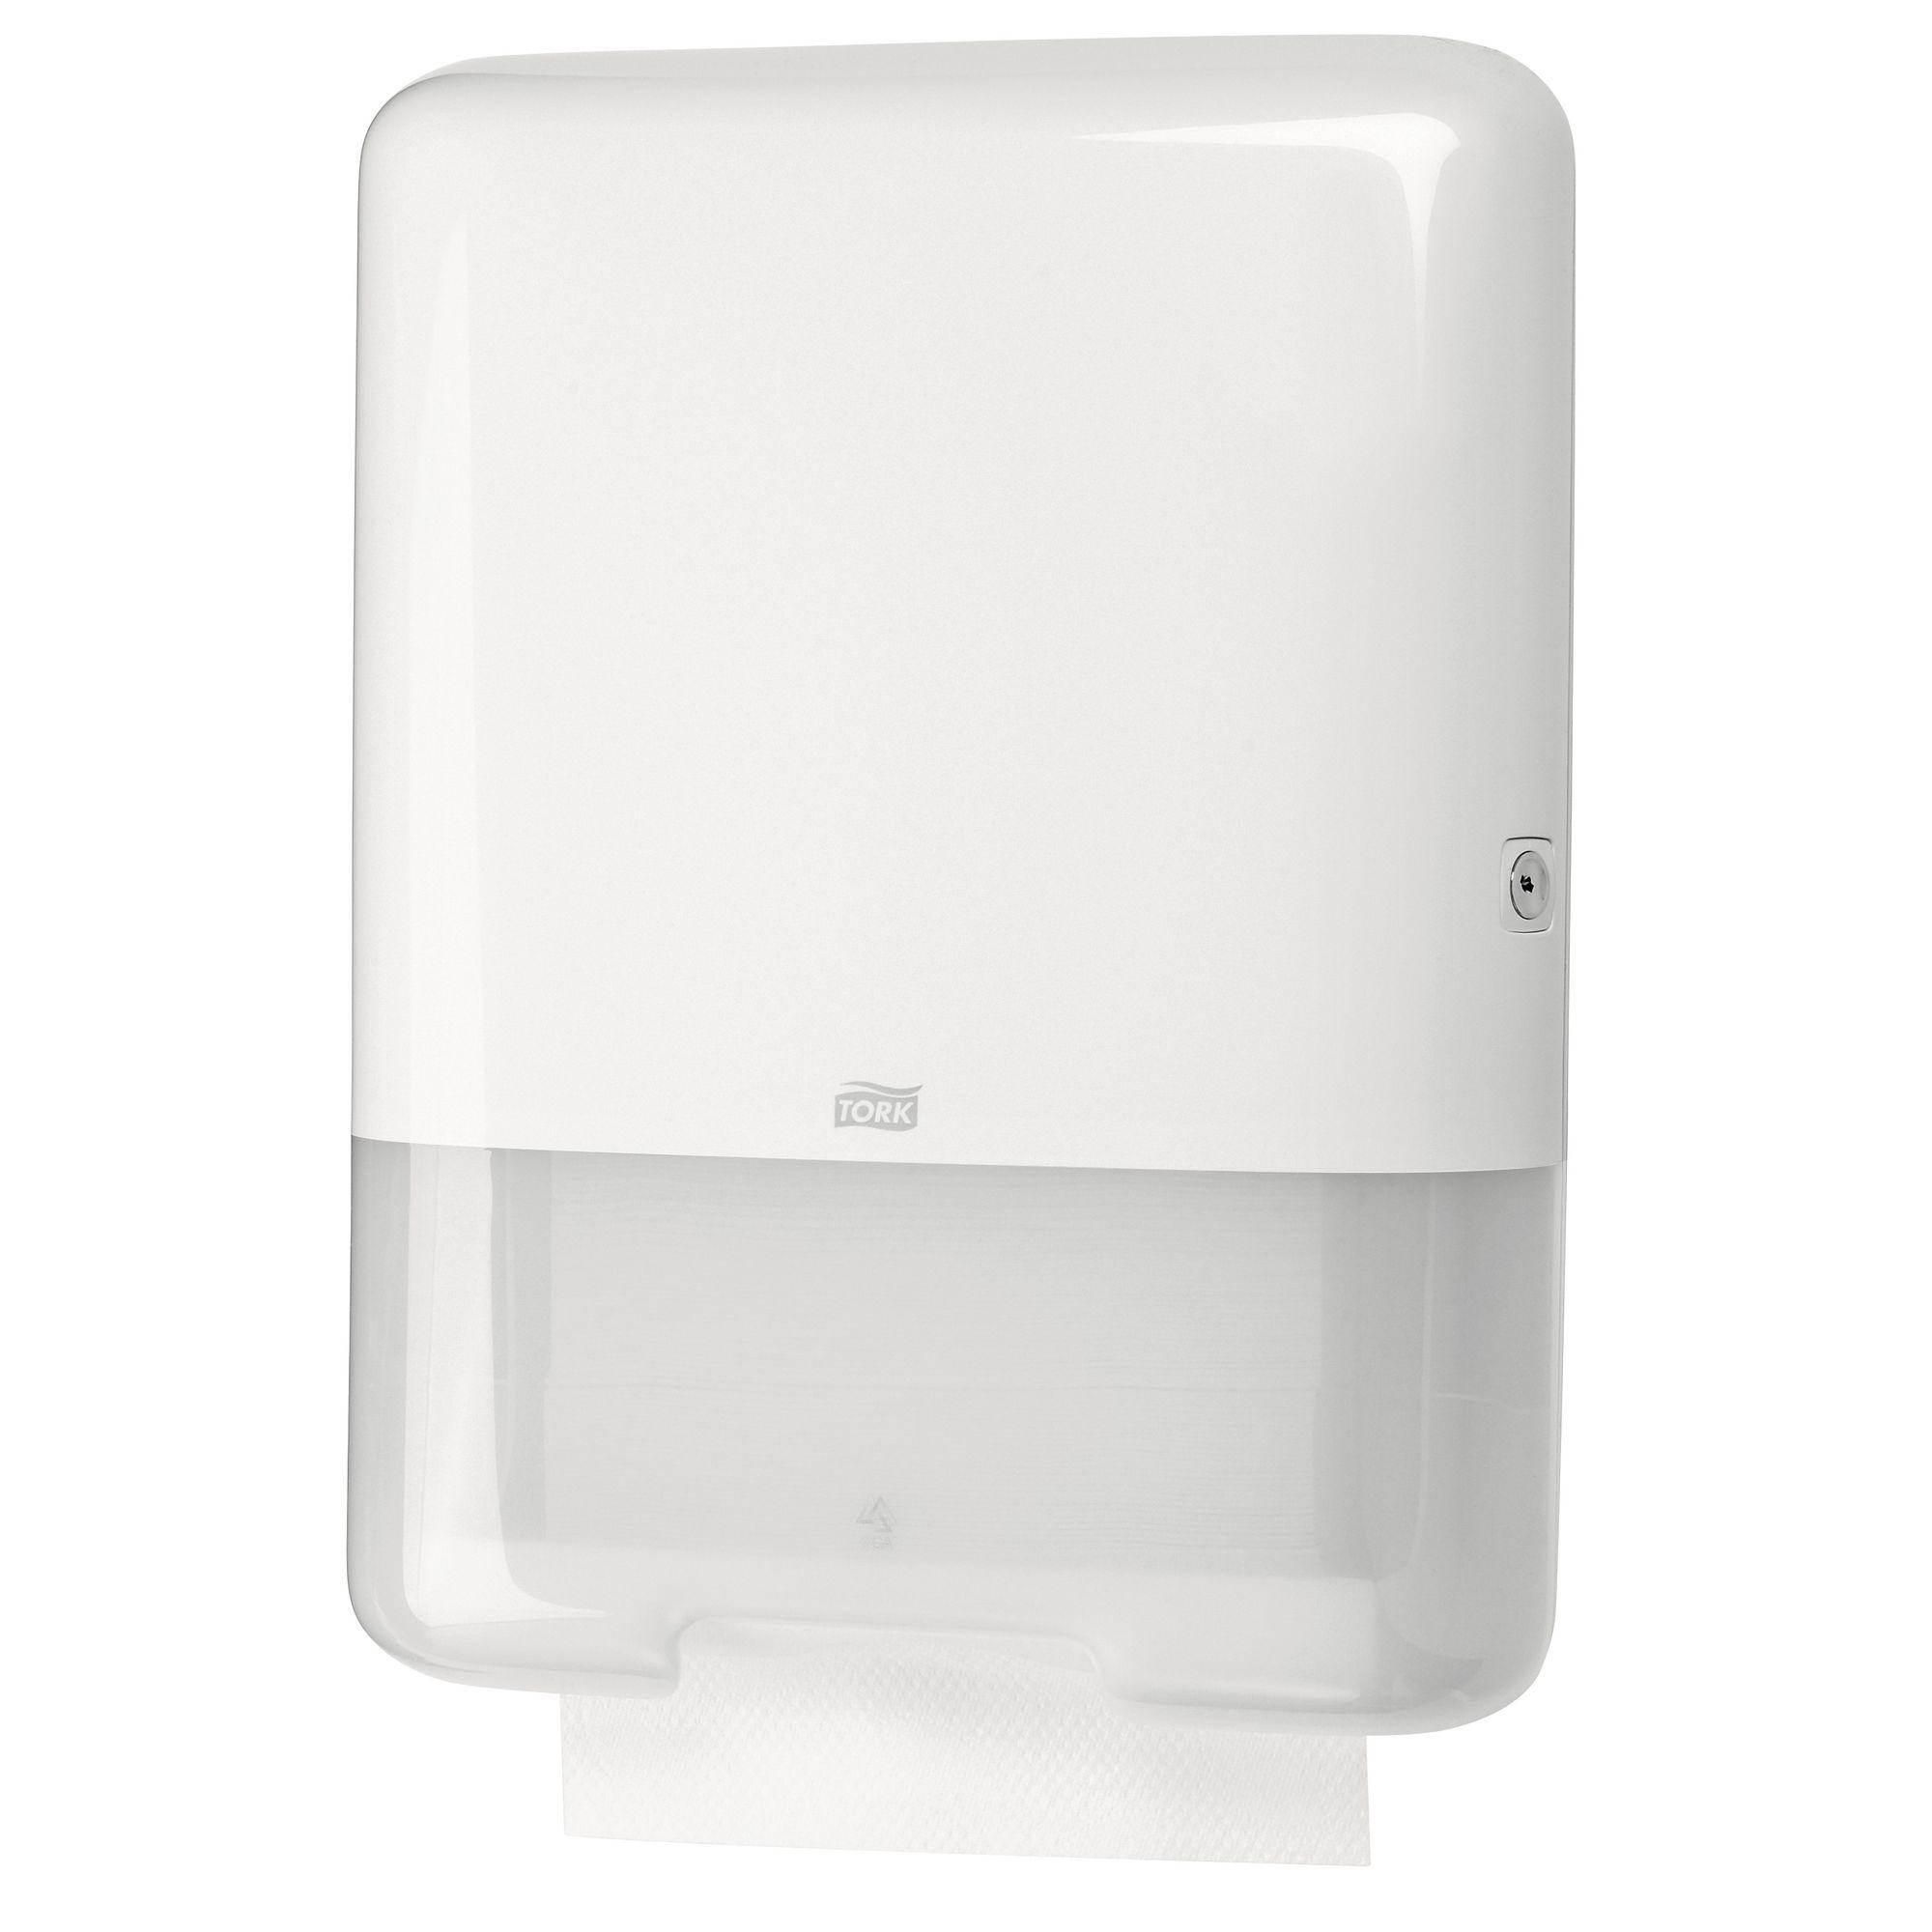 Tork Single Hand Towel Dispenser